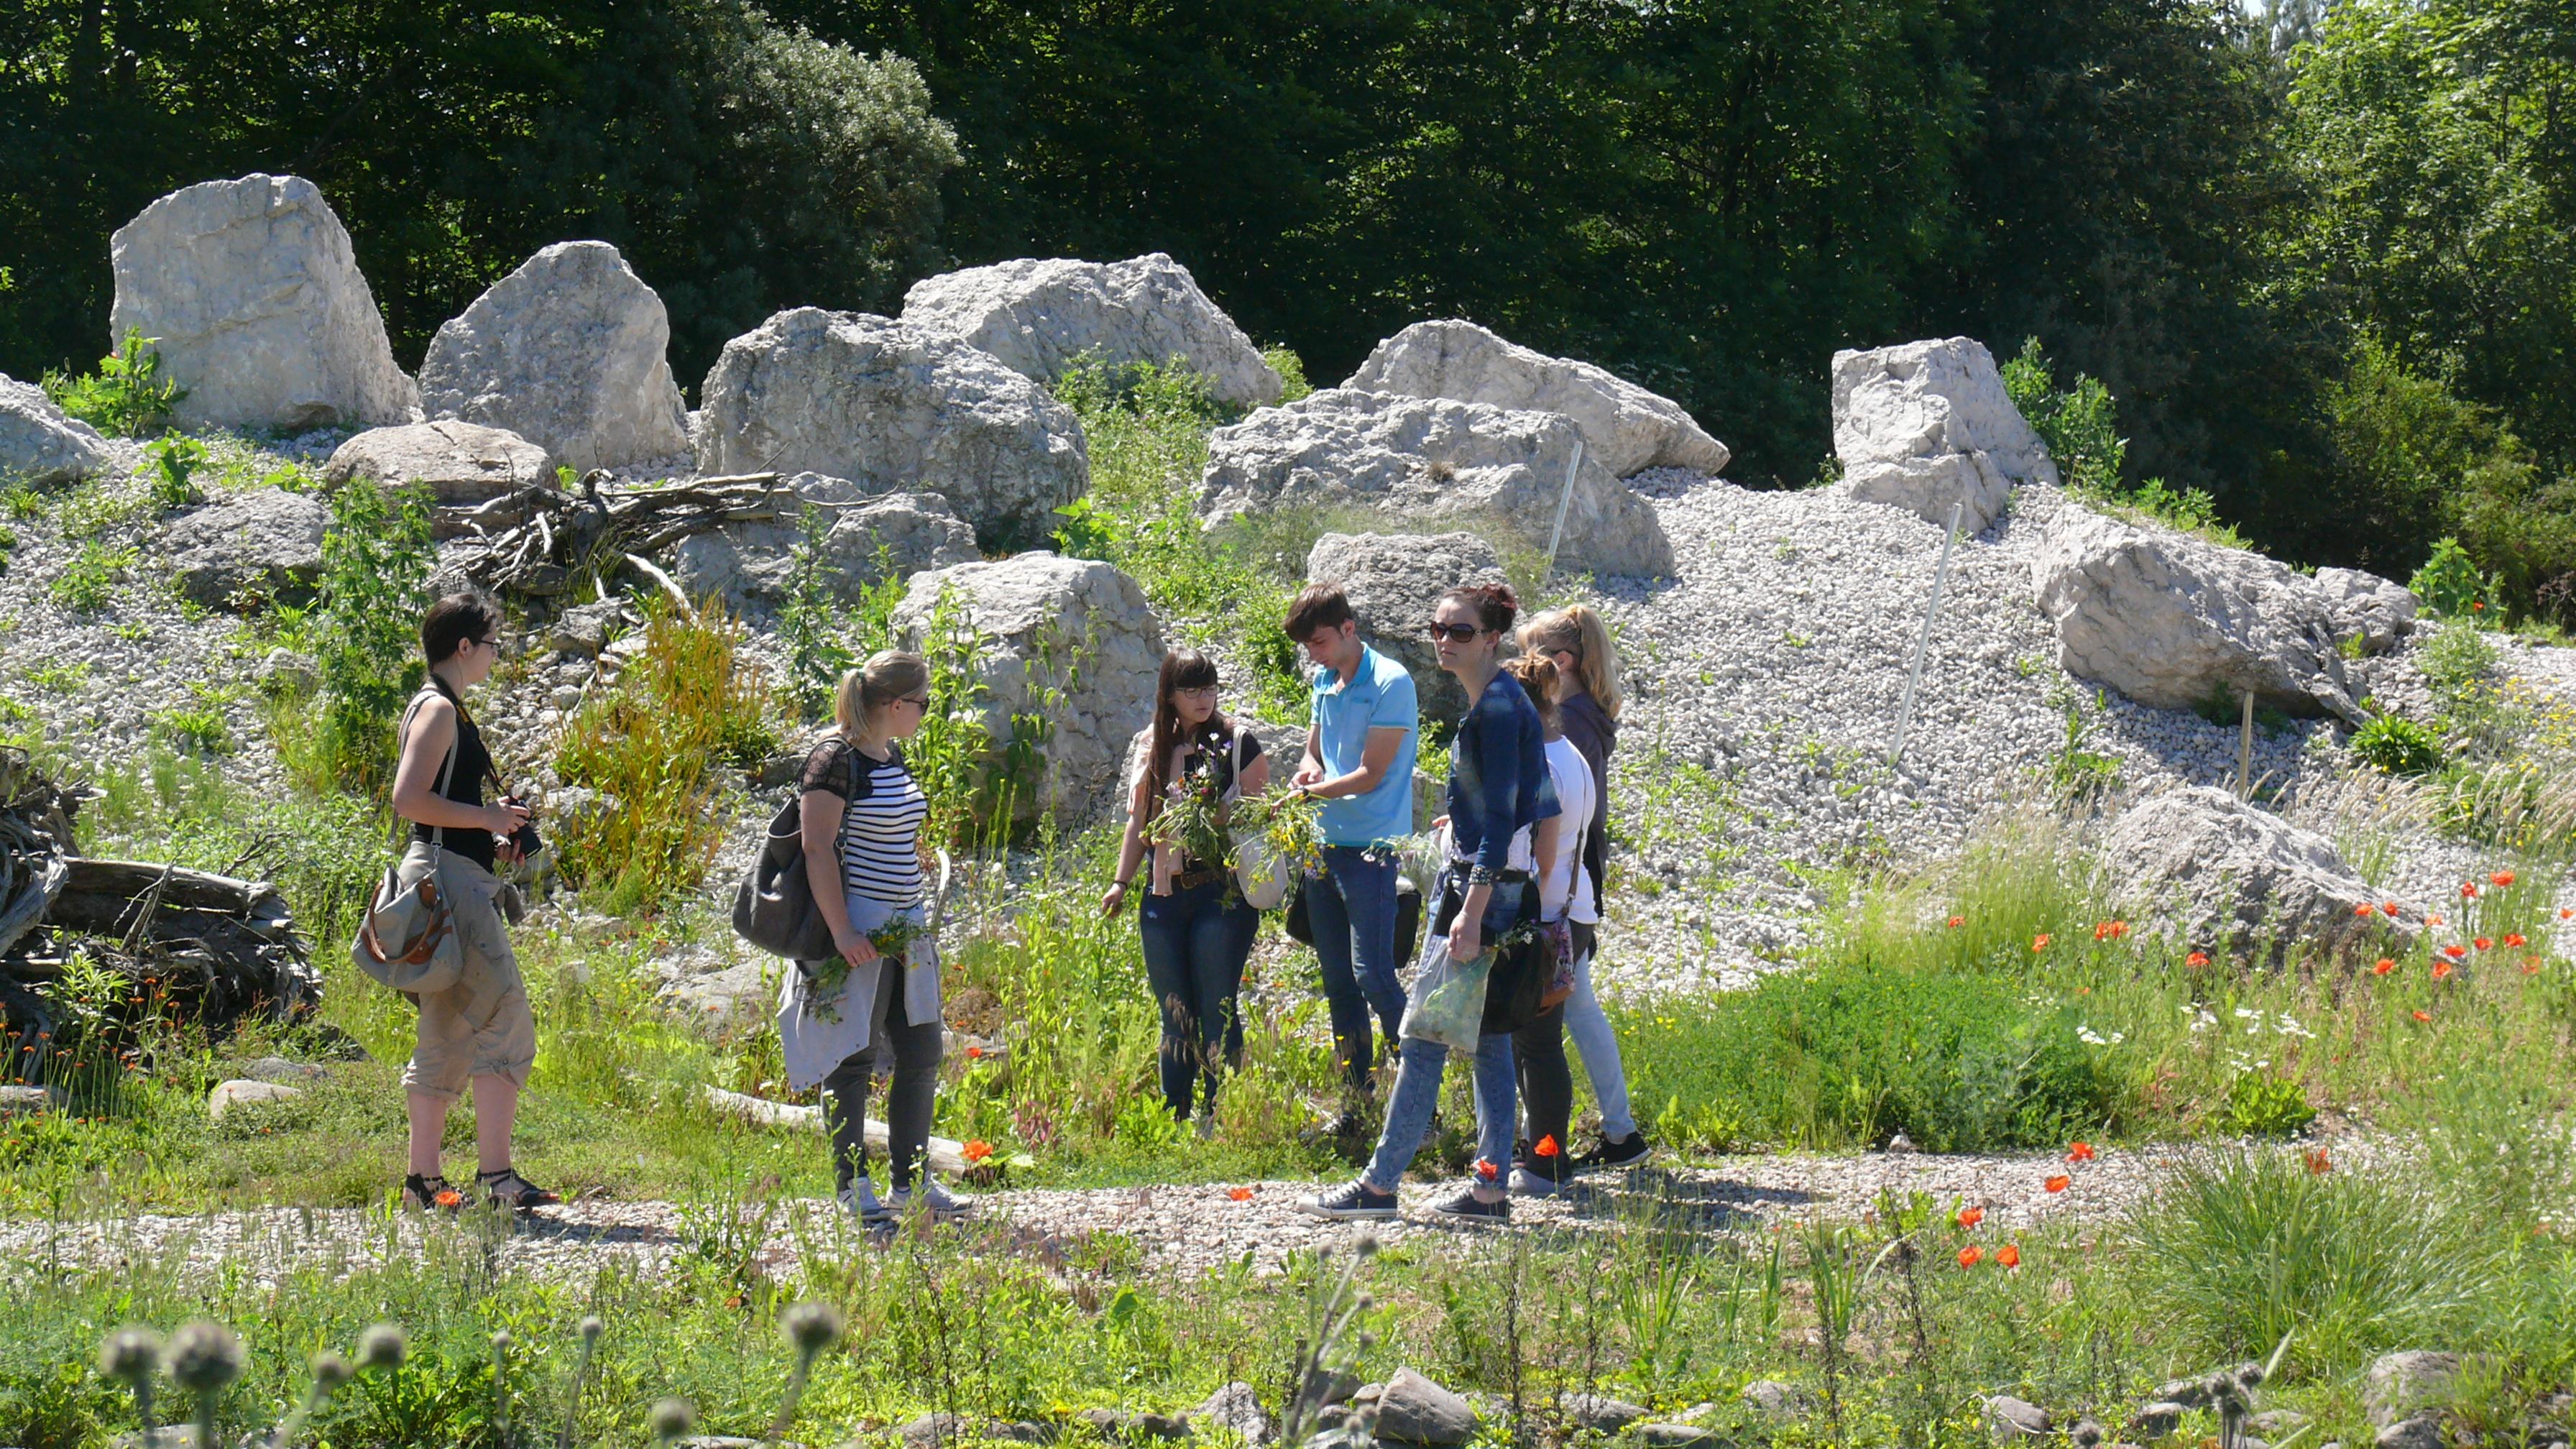 Edukacja w oparciu kolekcję traw w Ogrodzie Botanicznym KCRZG w Bydgoszczy